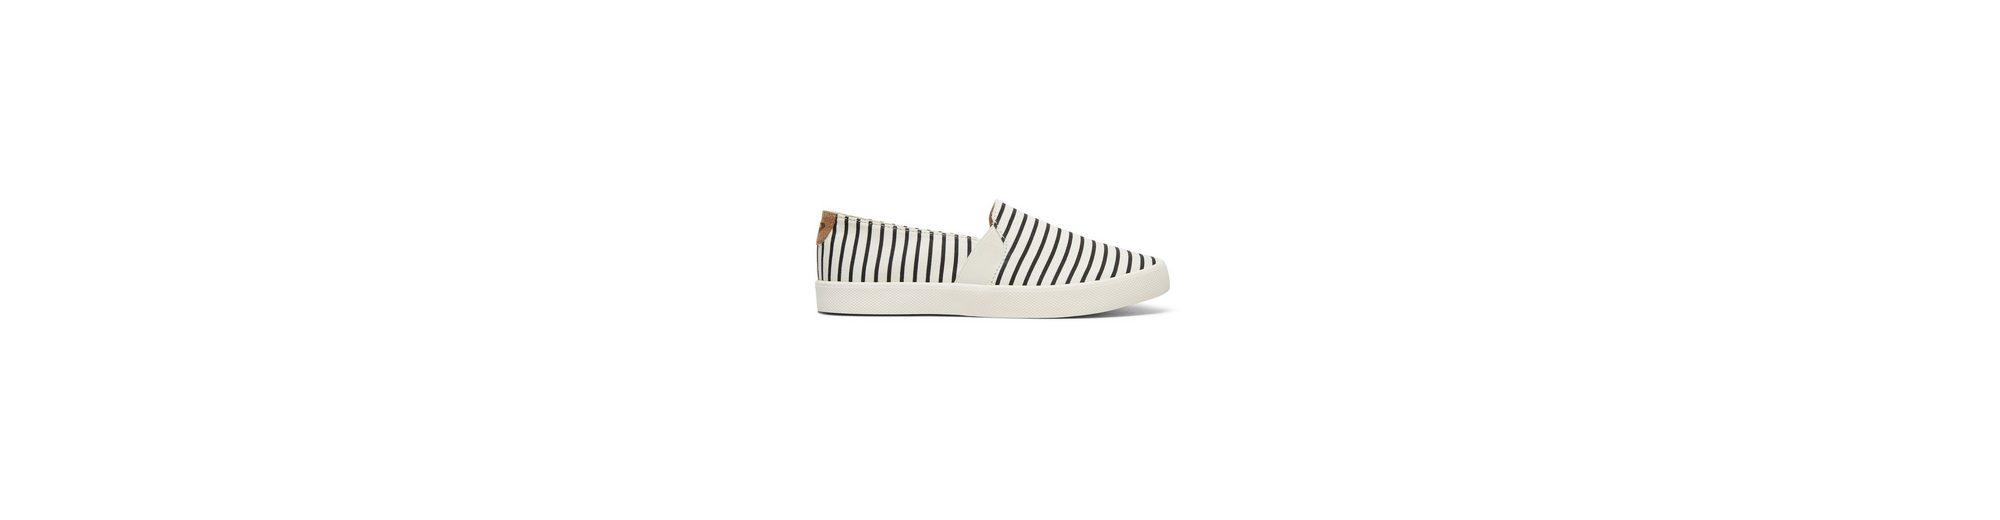 Roxy Schuhe Atlanta II Niedriger Preis Versandgebühr Limitierte Auflage Online-Verkauf Vorbestellung Für Verkauf Beliebt Günstiger Preis T2r2w